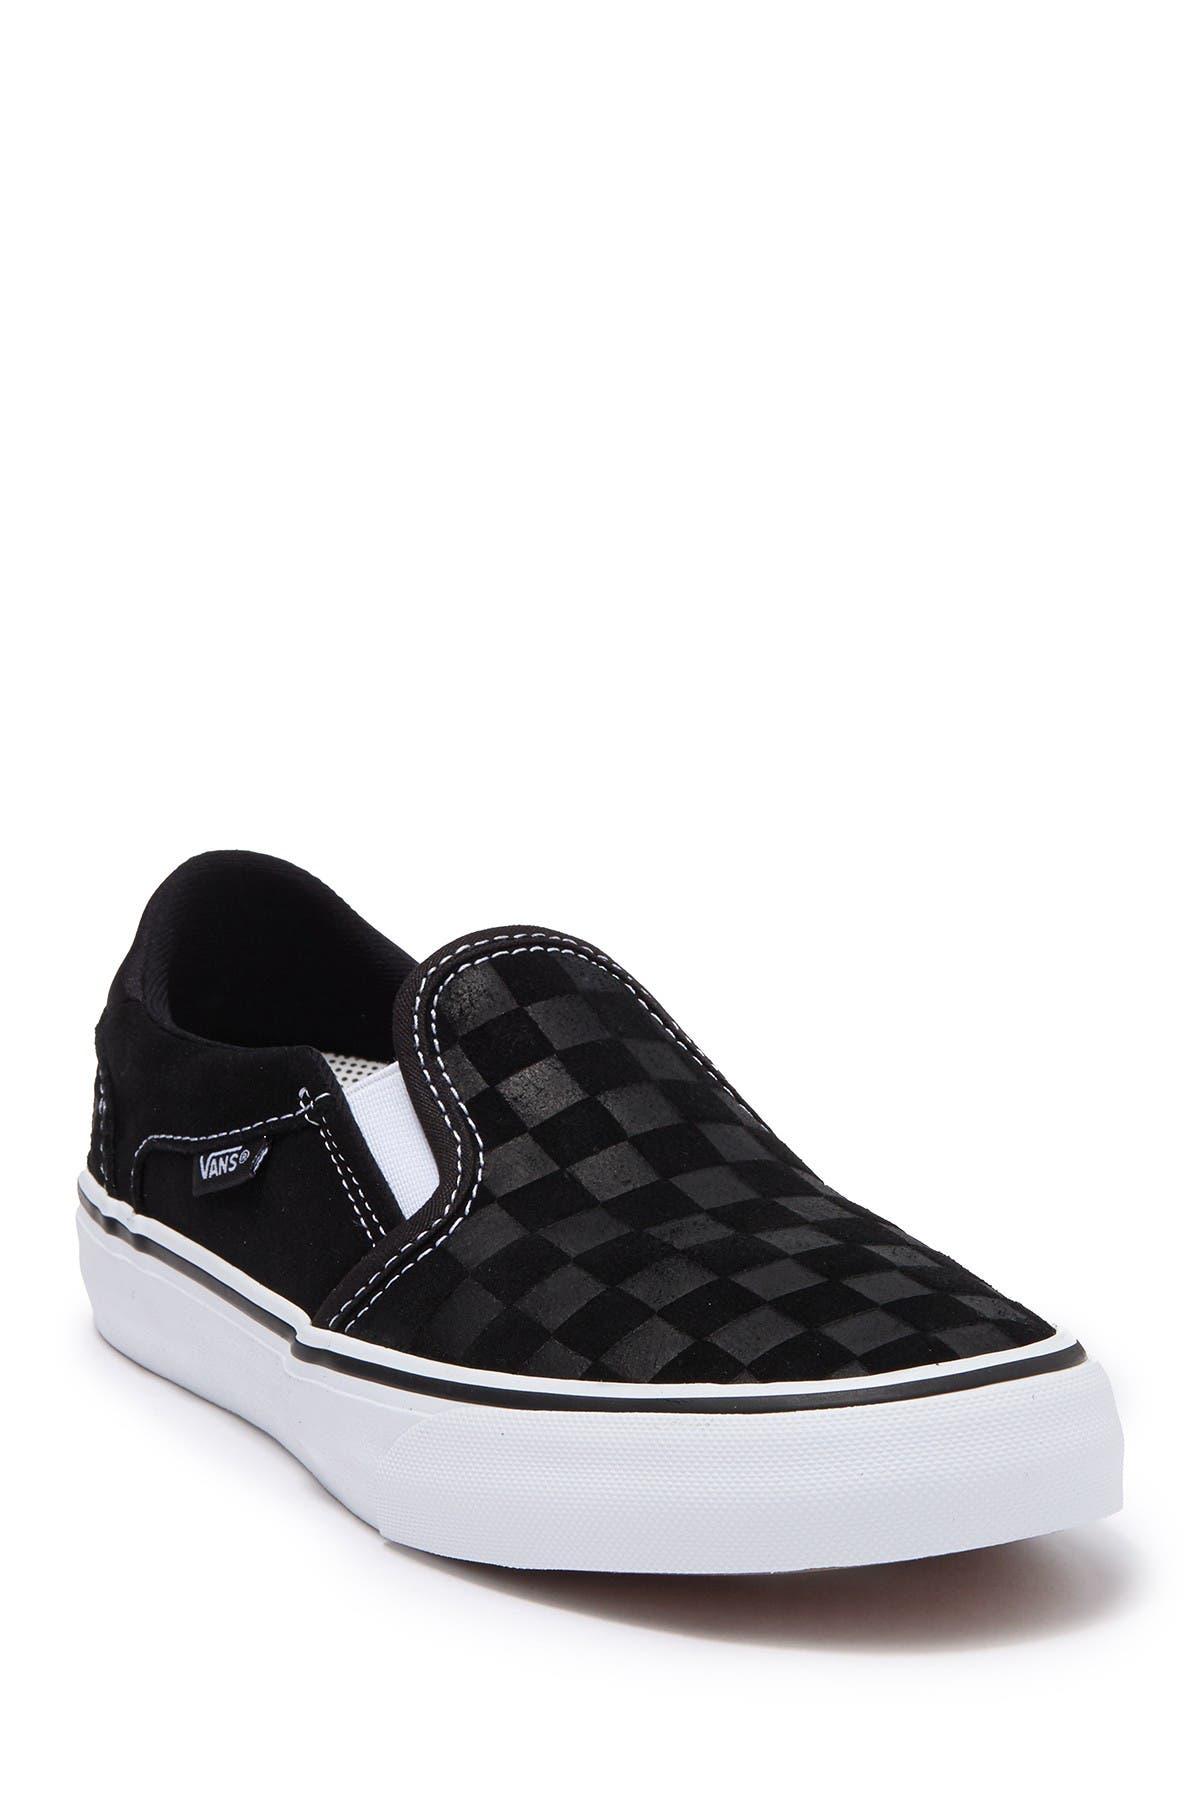 VANS | Asher Deluxe Checkerboard Slip